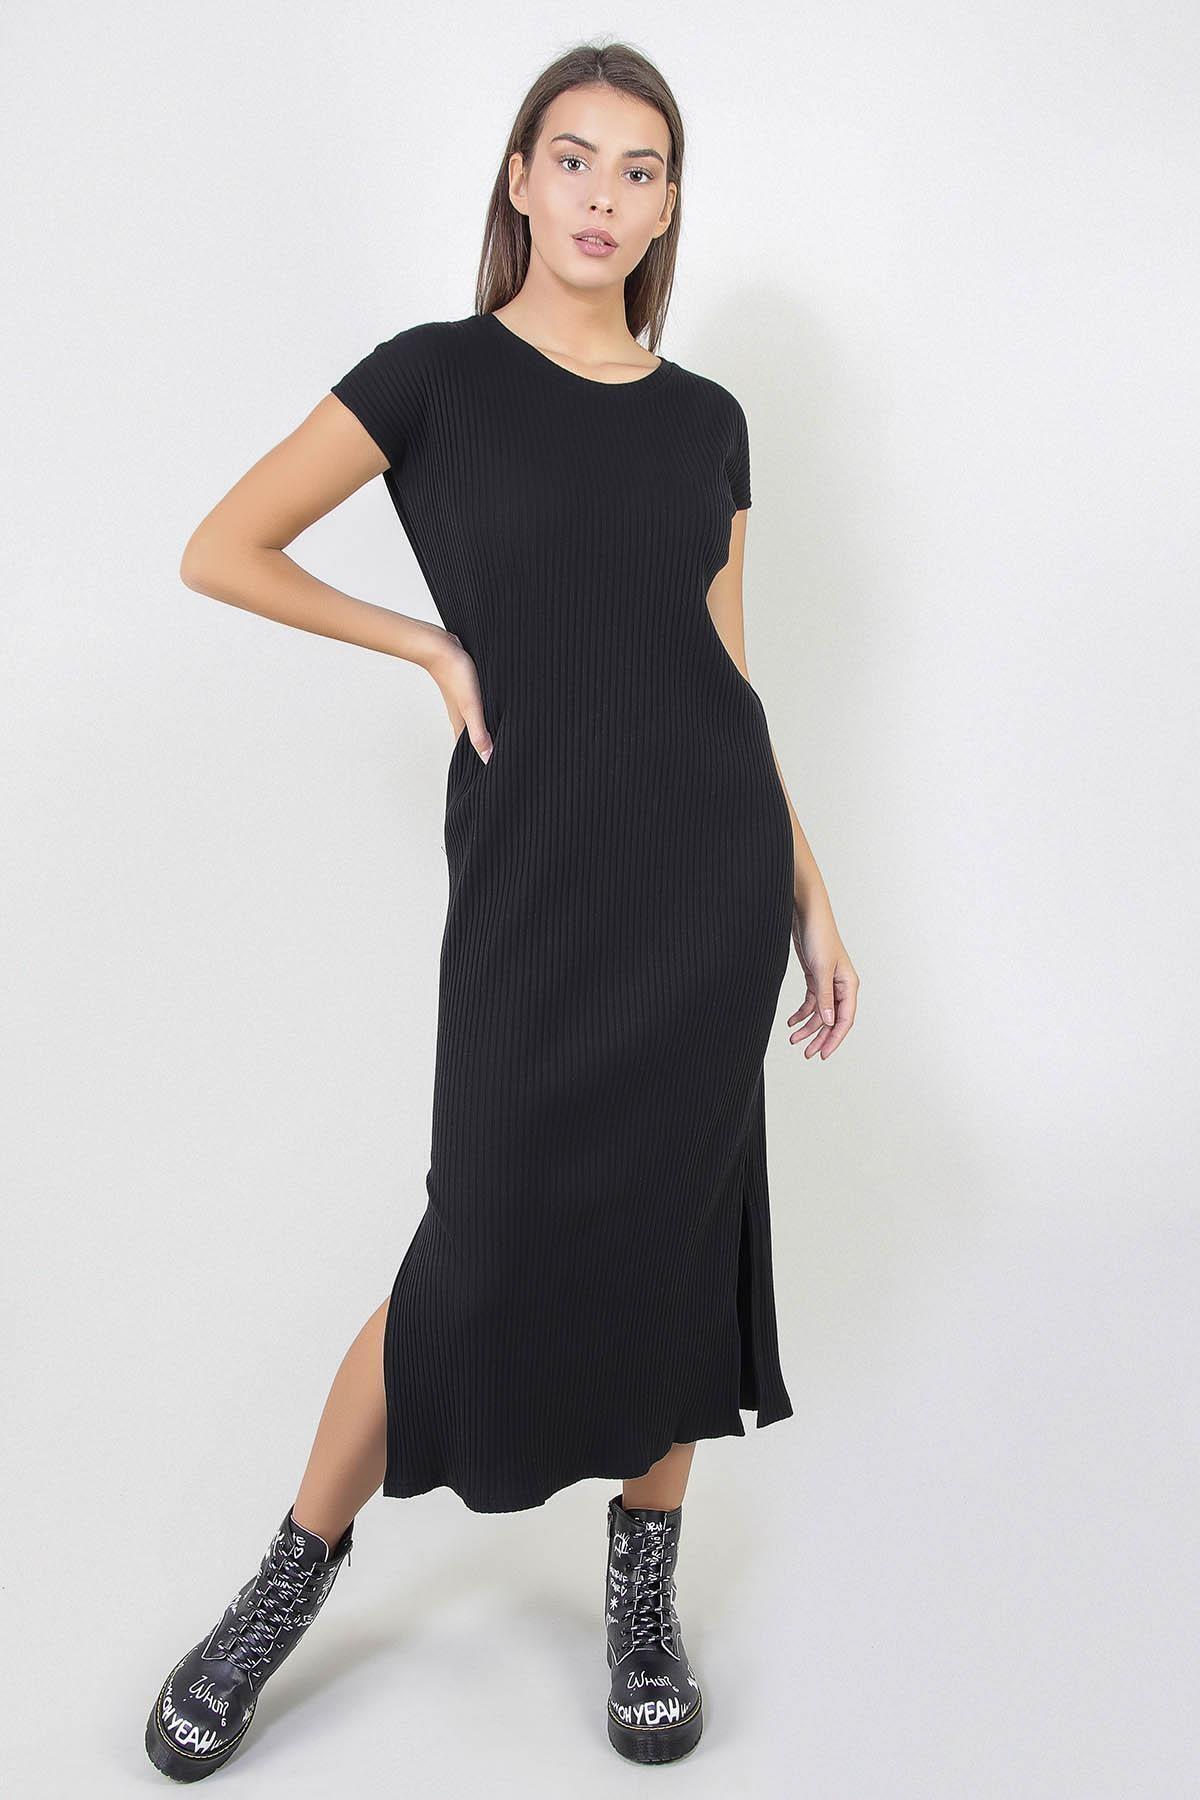 Kadın Yırtmaçlı Uzun Elbise (b20-1647)